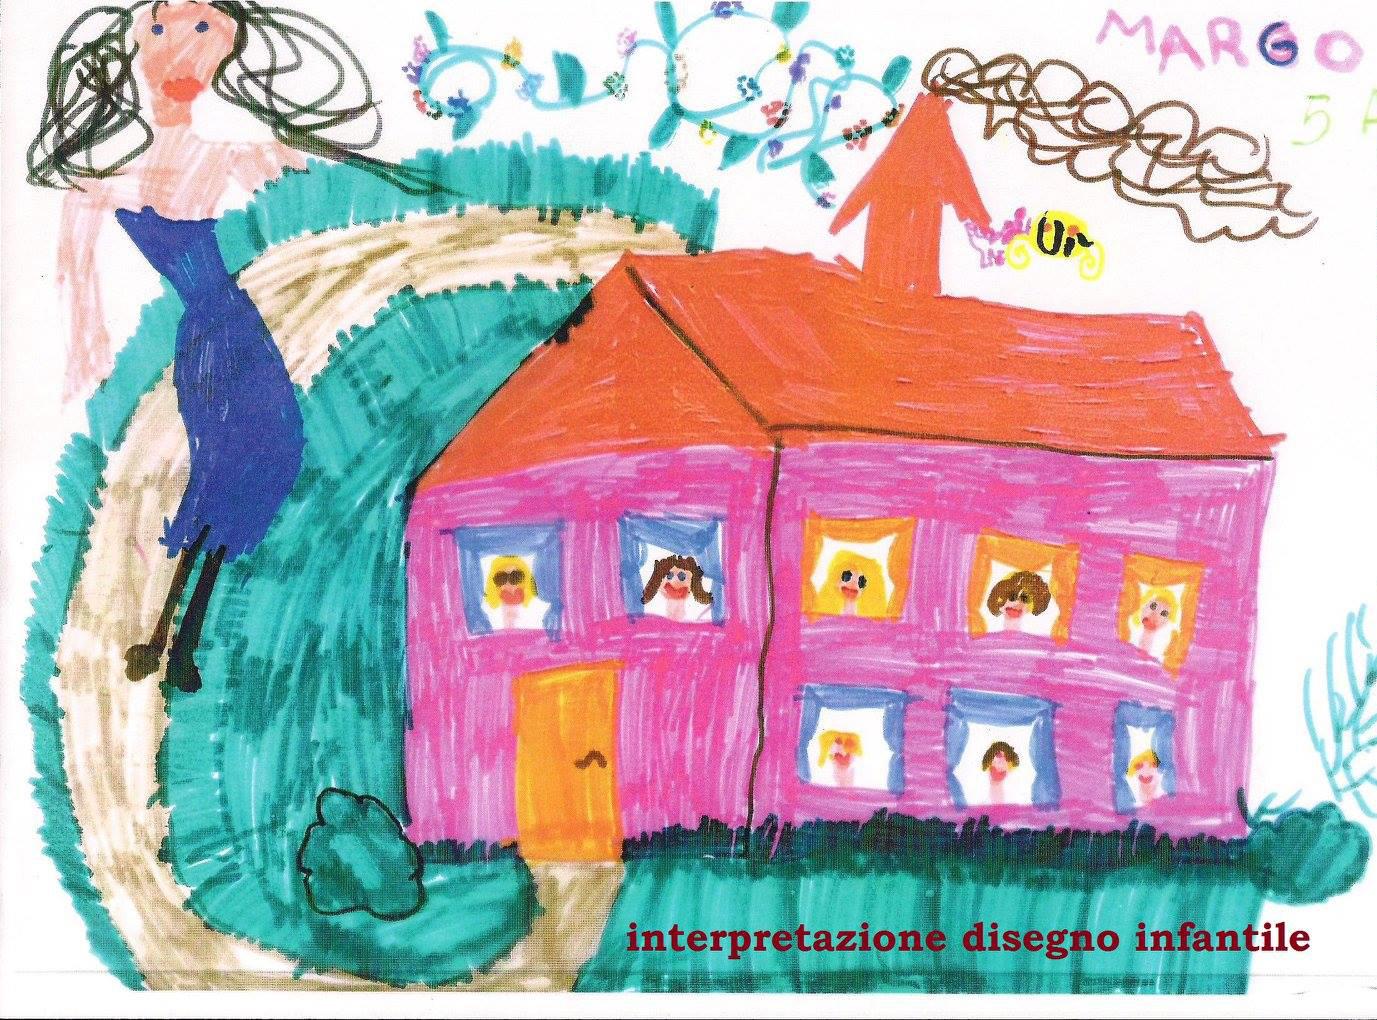 Interpretazione disegno infantile la casa for Disegno della casa